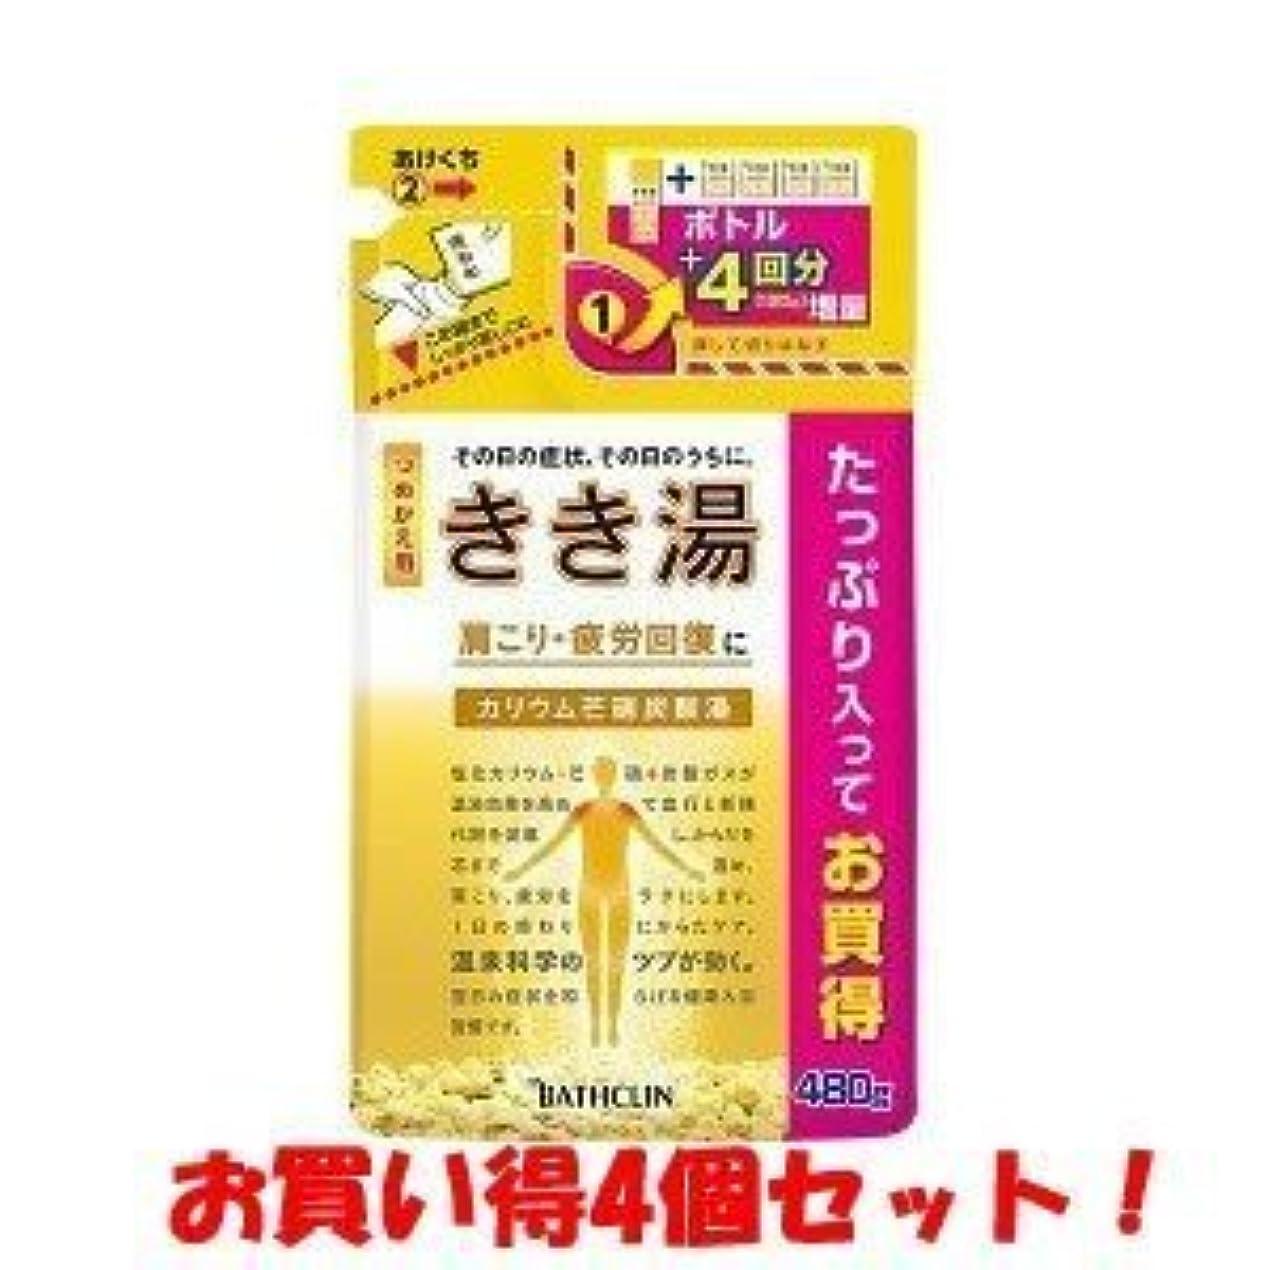 (バスクリン)きき湯 カリウム芒硝炭酸湯 つめかえ用 480g(医薬部外品)(お買い得4個セット)